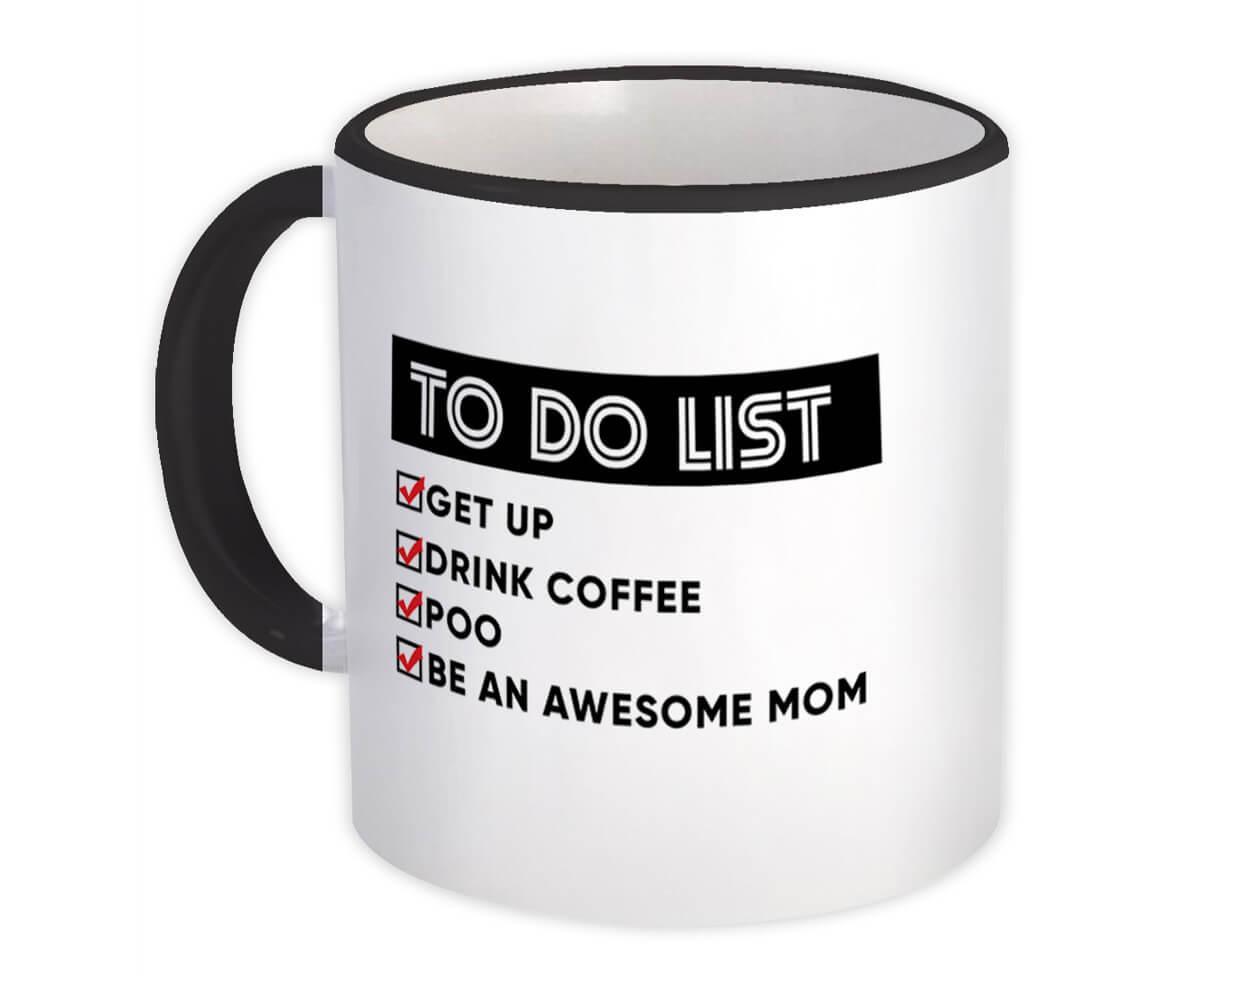 To Do List Awesome Mom : Gift Mug Mother Coffee Poo Get Up Christmas Birthday